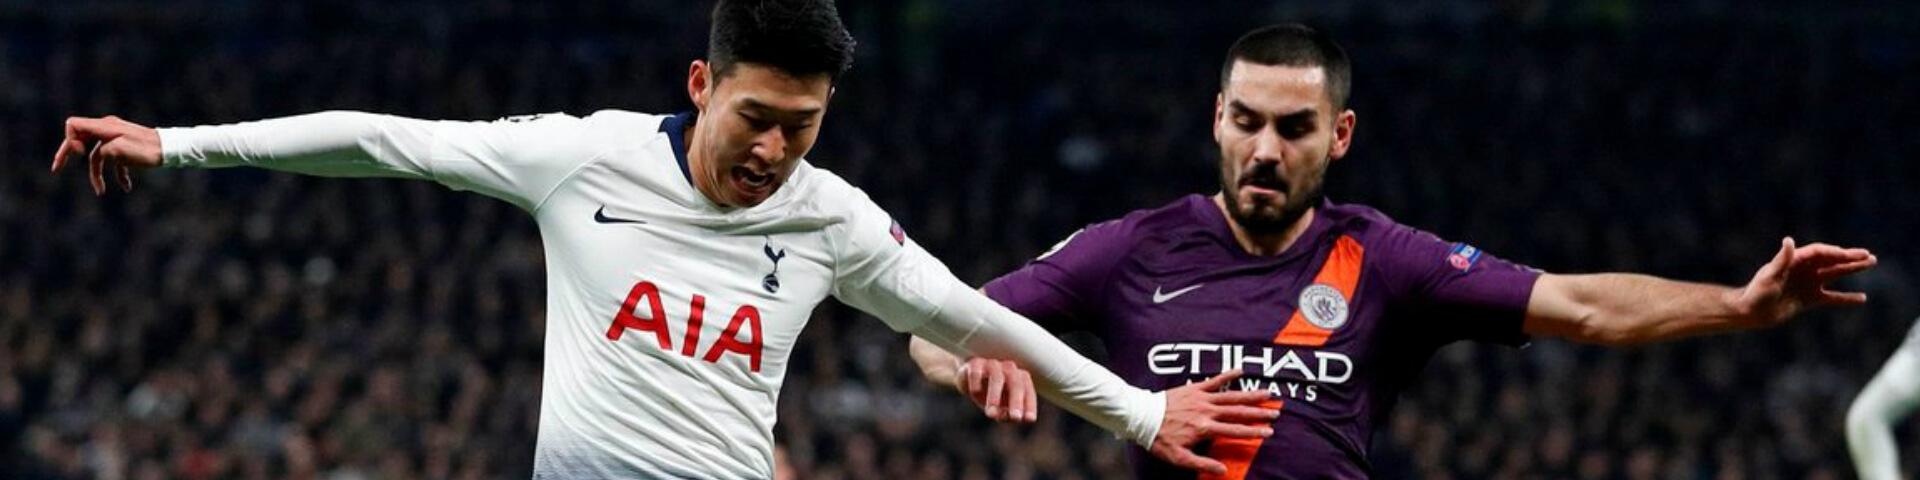 Букмекеры: «Манчестер Сити» обыграет «Тоттенхэм» и пройдёт дальше